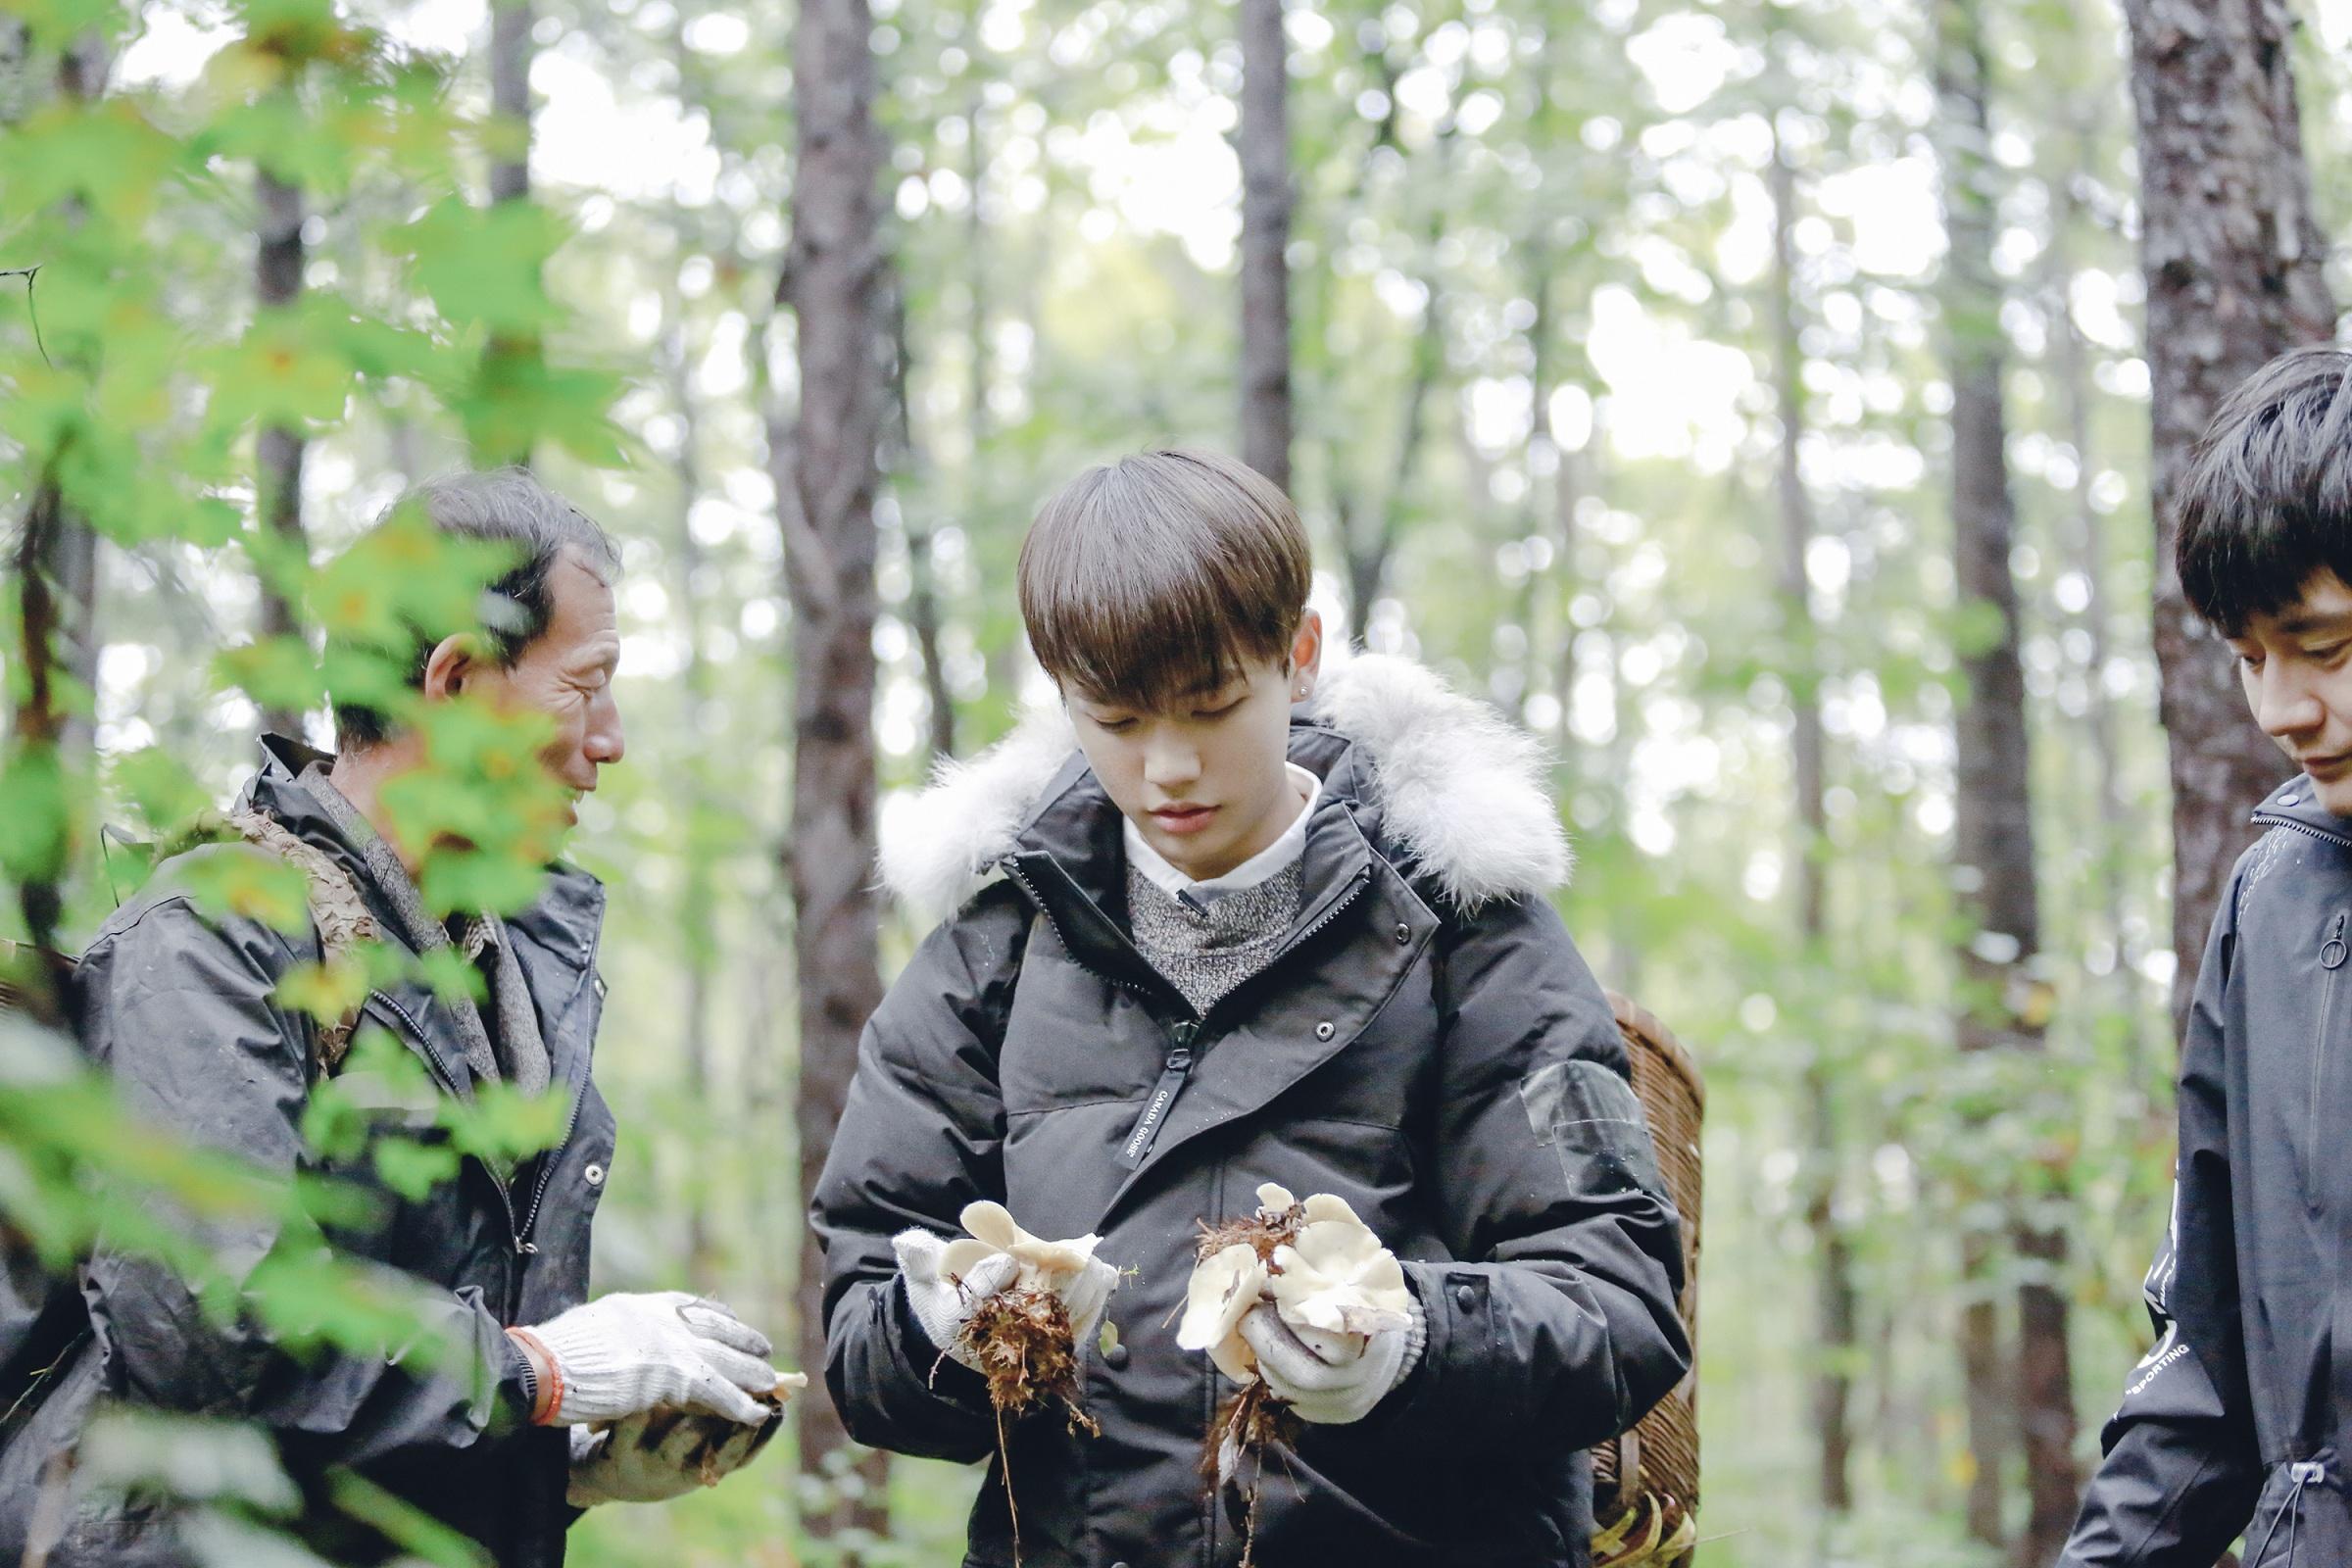 《野生厨房》采蘑菇的小男孩上线  林彦俊迷失森林